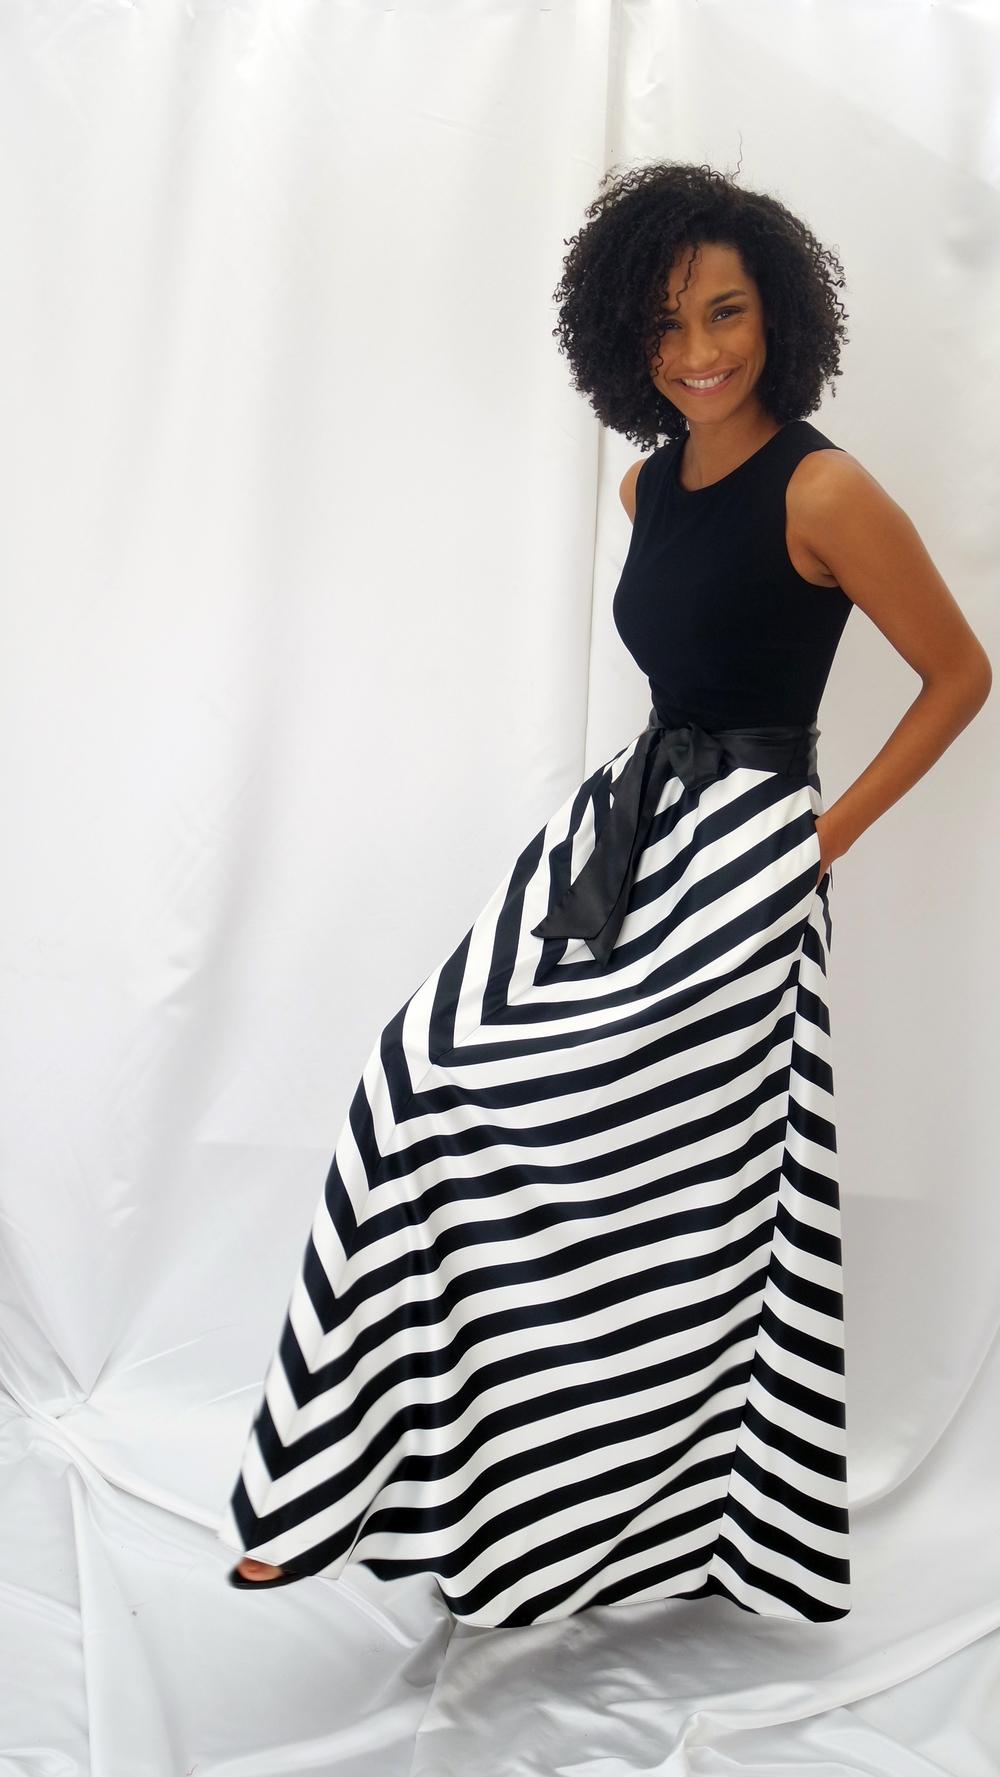 79d685bdb448 Abito lungo in cady bianco - nero con gonna a righe motivo spina pesce -  AtelierRita - Alta moda - Sartoria artigianale abiti